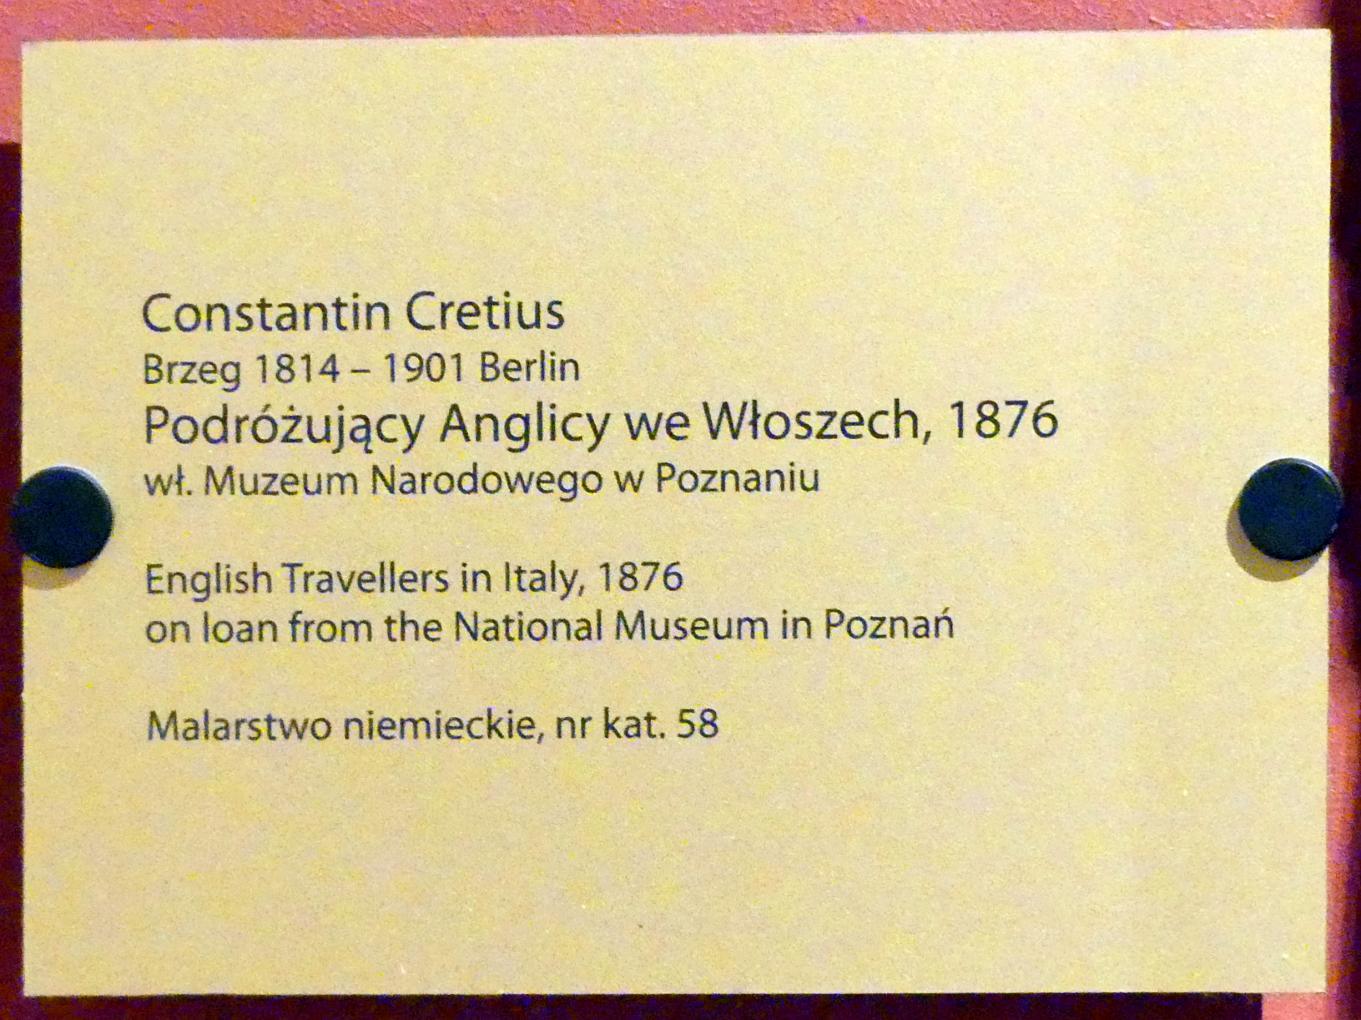 Konstantin Cretius: Englische Reisende in Italien, 1876, Bild 2/2